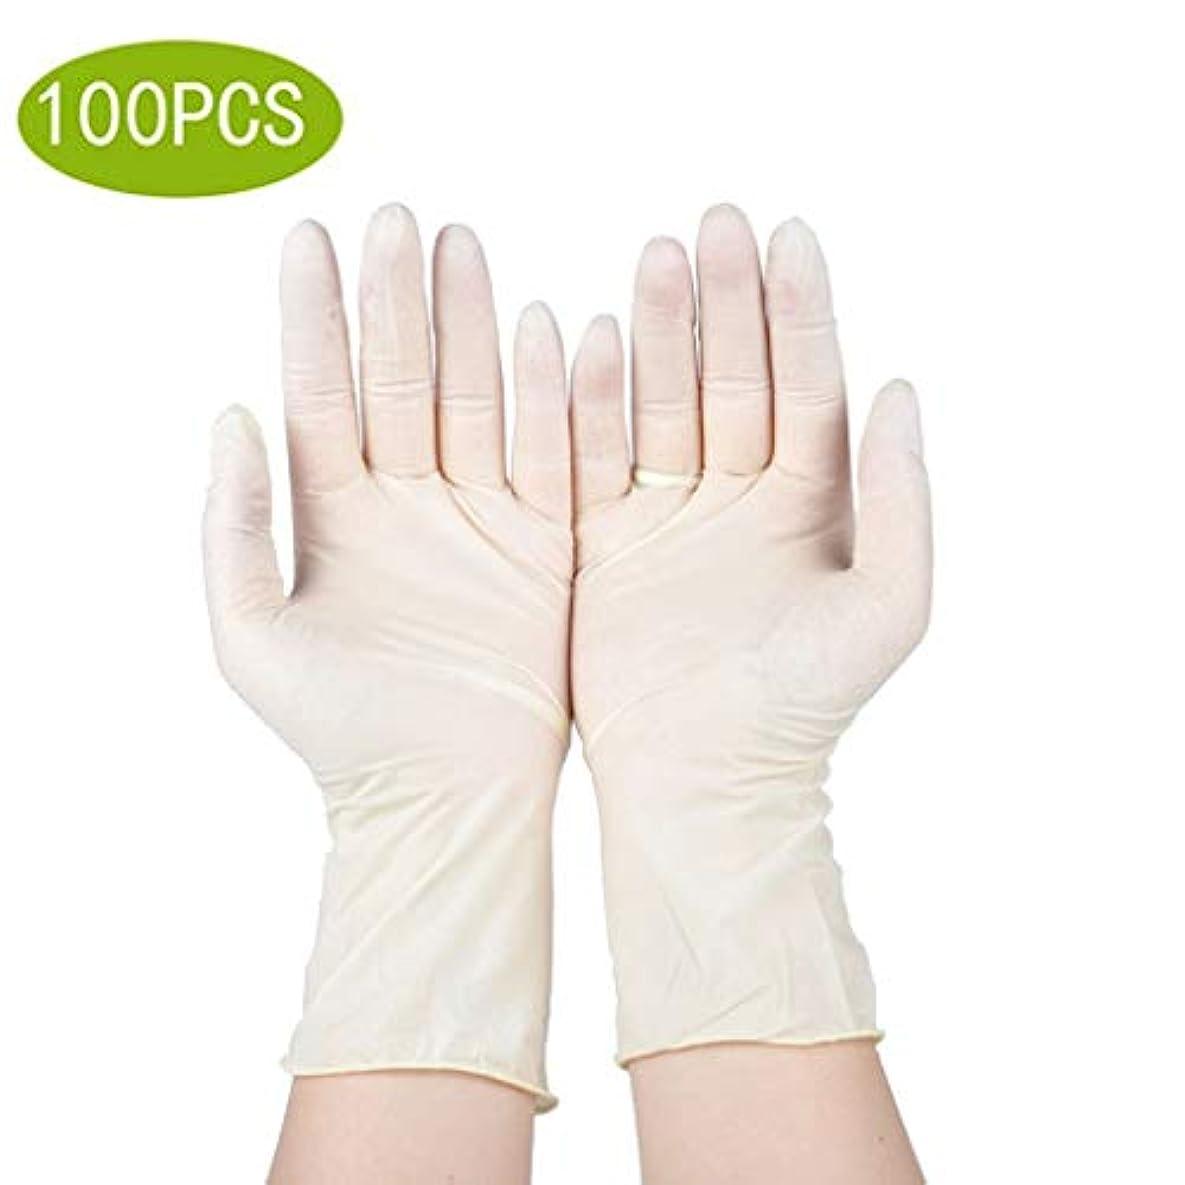 医療検査ラテックス手袋 3ミル厚、ミディアムボックス100パウダーフリー、無菌、頑丈な試験用手袋 病院のための専門の等級、法執行機関、食糧売り手 (Color : Beige, Size : L)